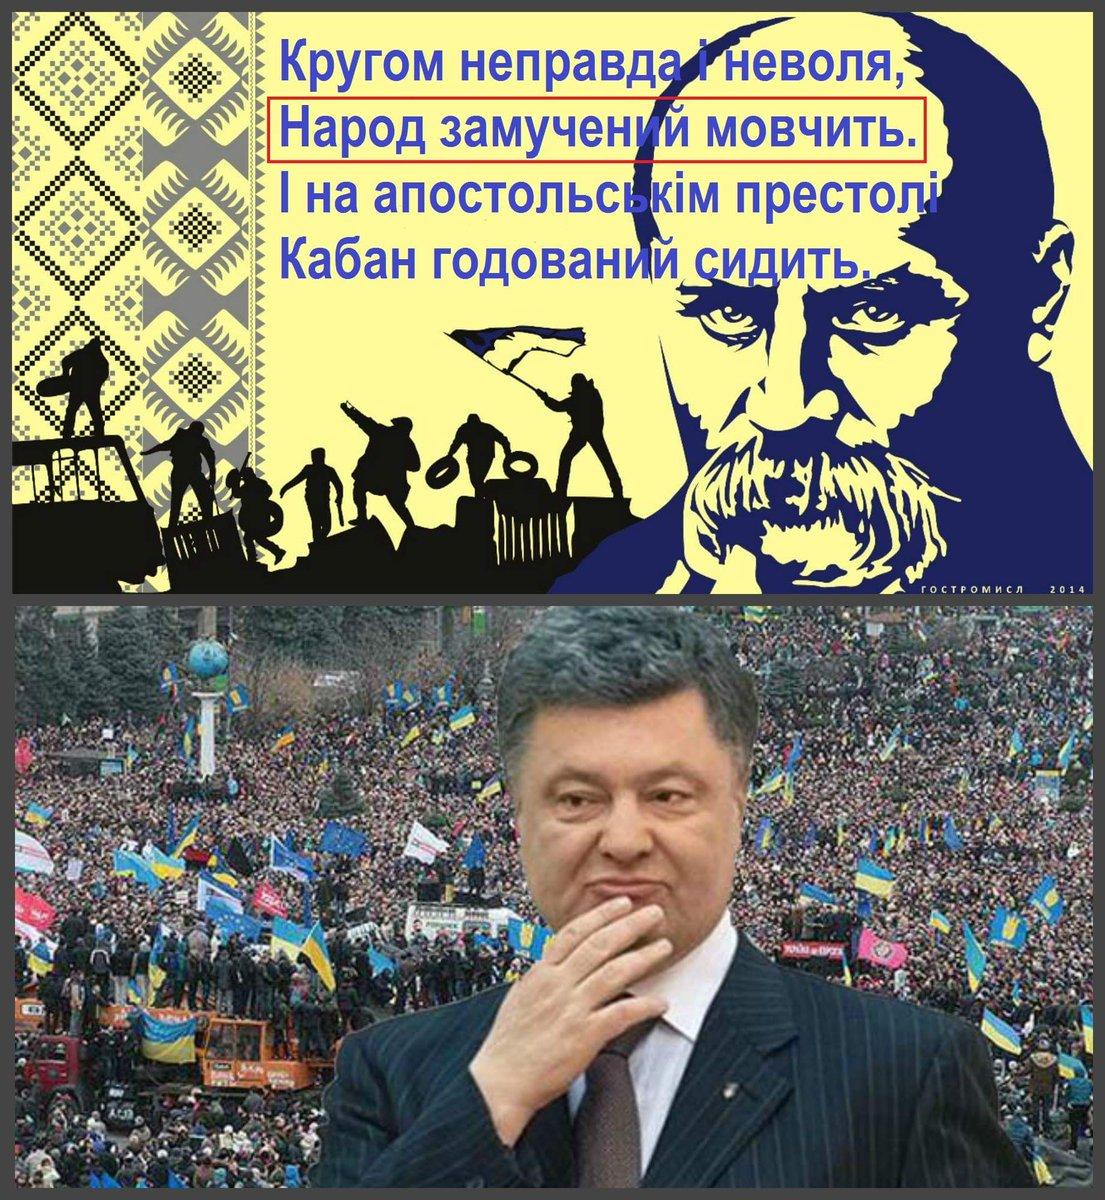 """Саакашвили подписал протокол об ознакомлении с правами и об админнарушении: """"Я уважаю пограничников и готов пройти все процедуры"""" - Цензор.НЕТ 7095"""